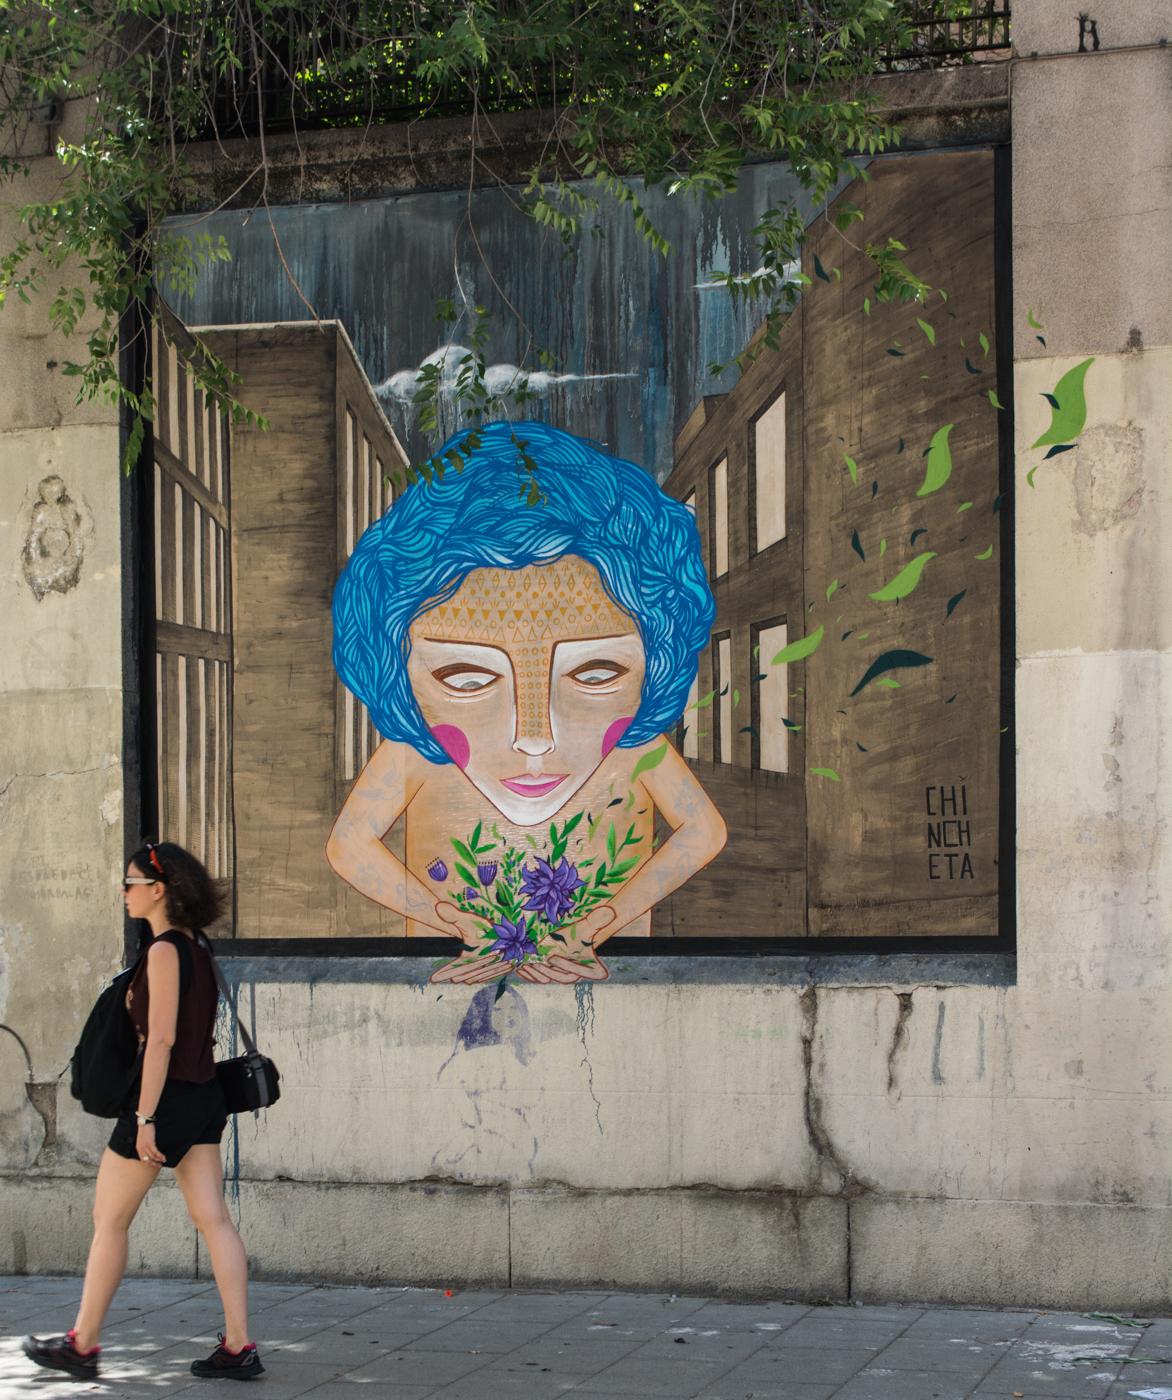 Chincheta - MurosTabacalera by Guillermo de la Madrid - Madrid Street Art Project final -002.jpg